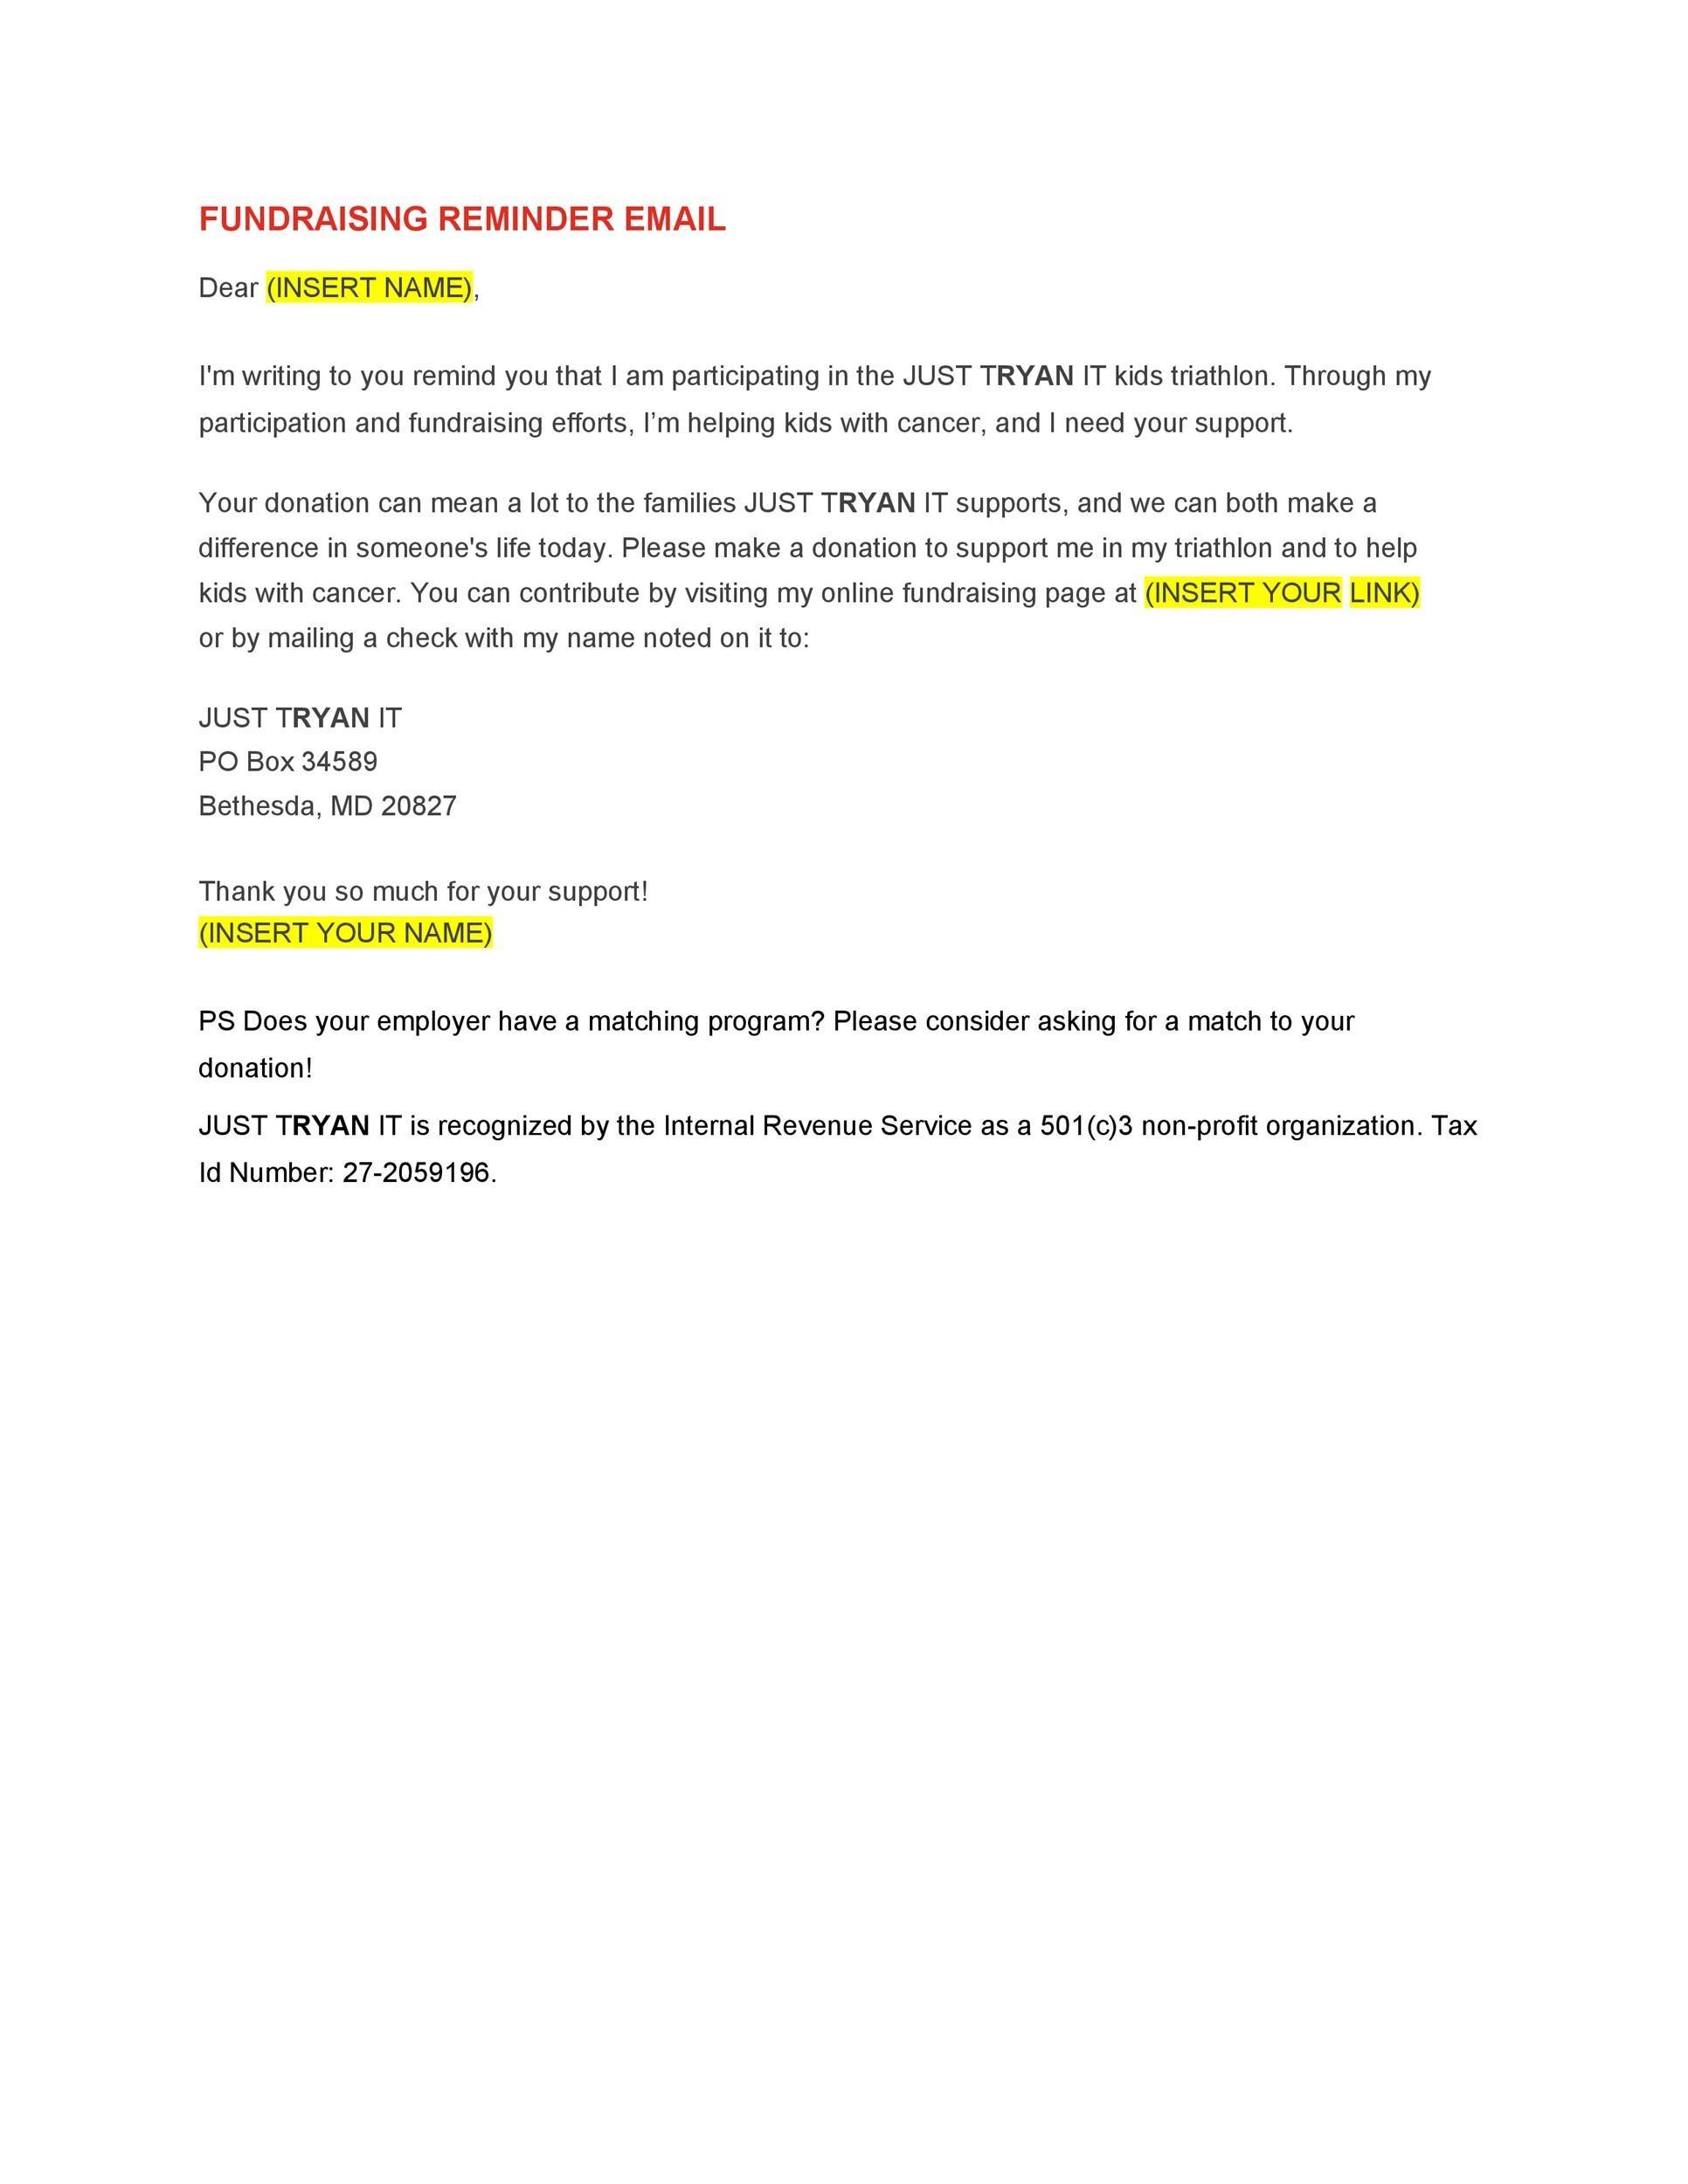 Free reminder email sample 16